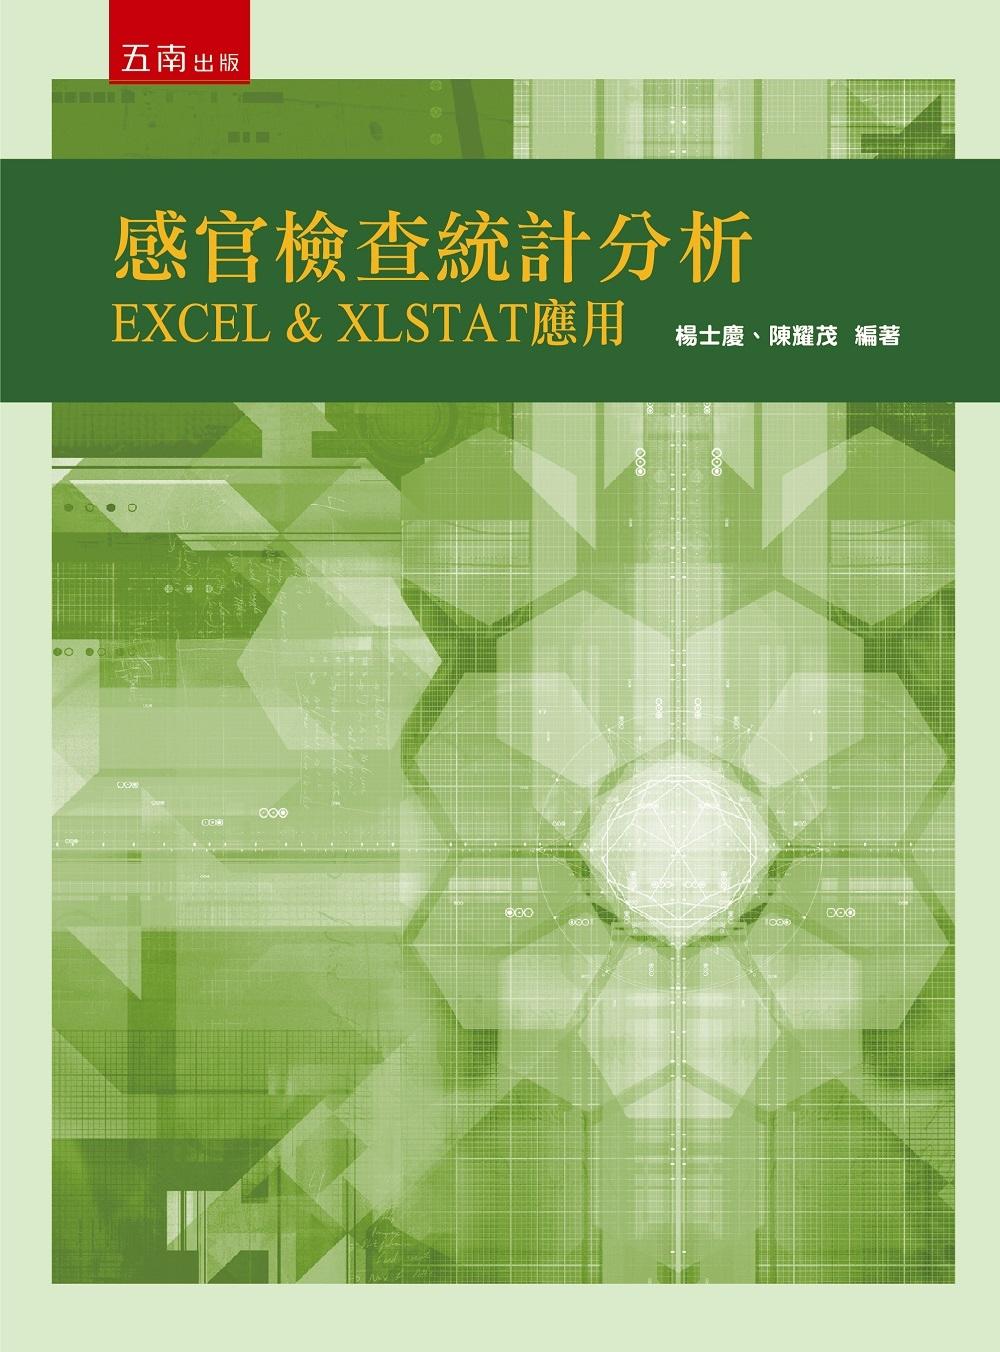 感官檢查統計分析 – EXCEL & XLSTAT 應用